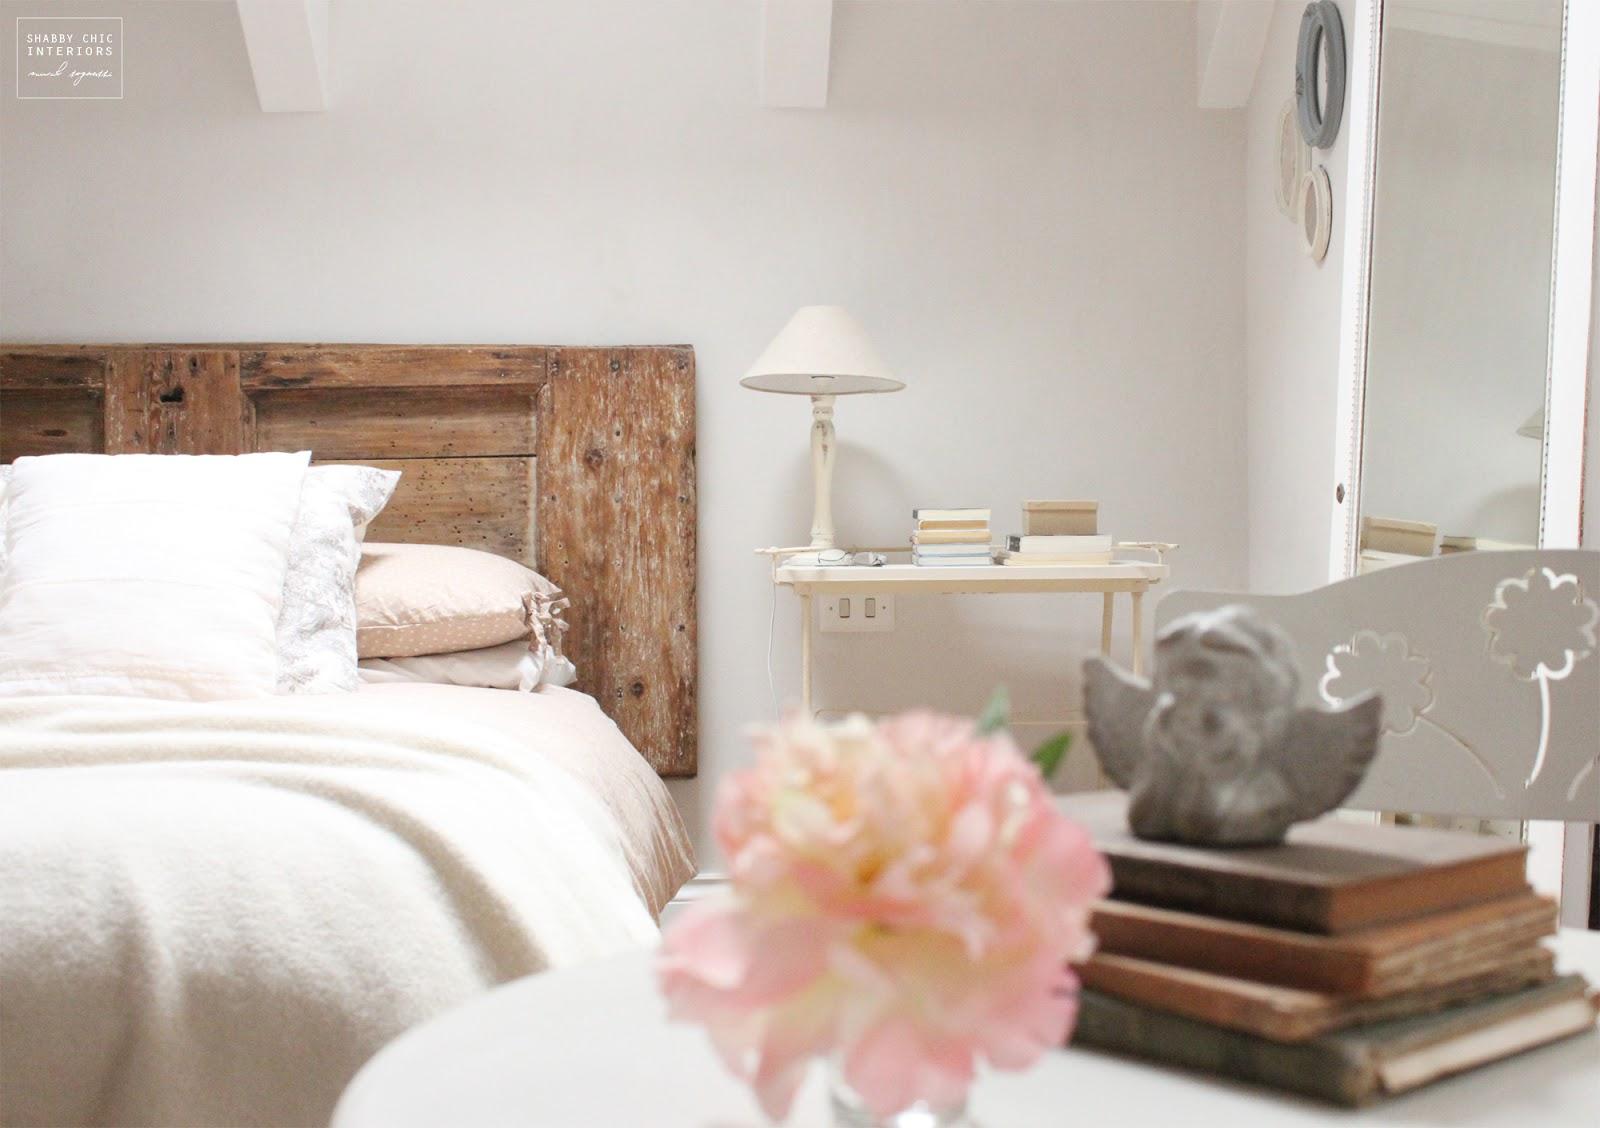 Idee Per La Camera Di Un Ragazzo: Come arredare la camera da letto ...